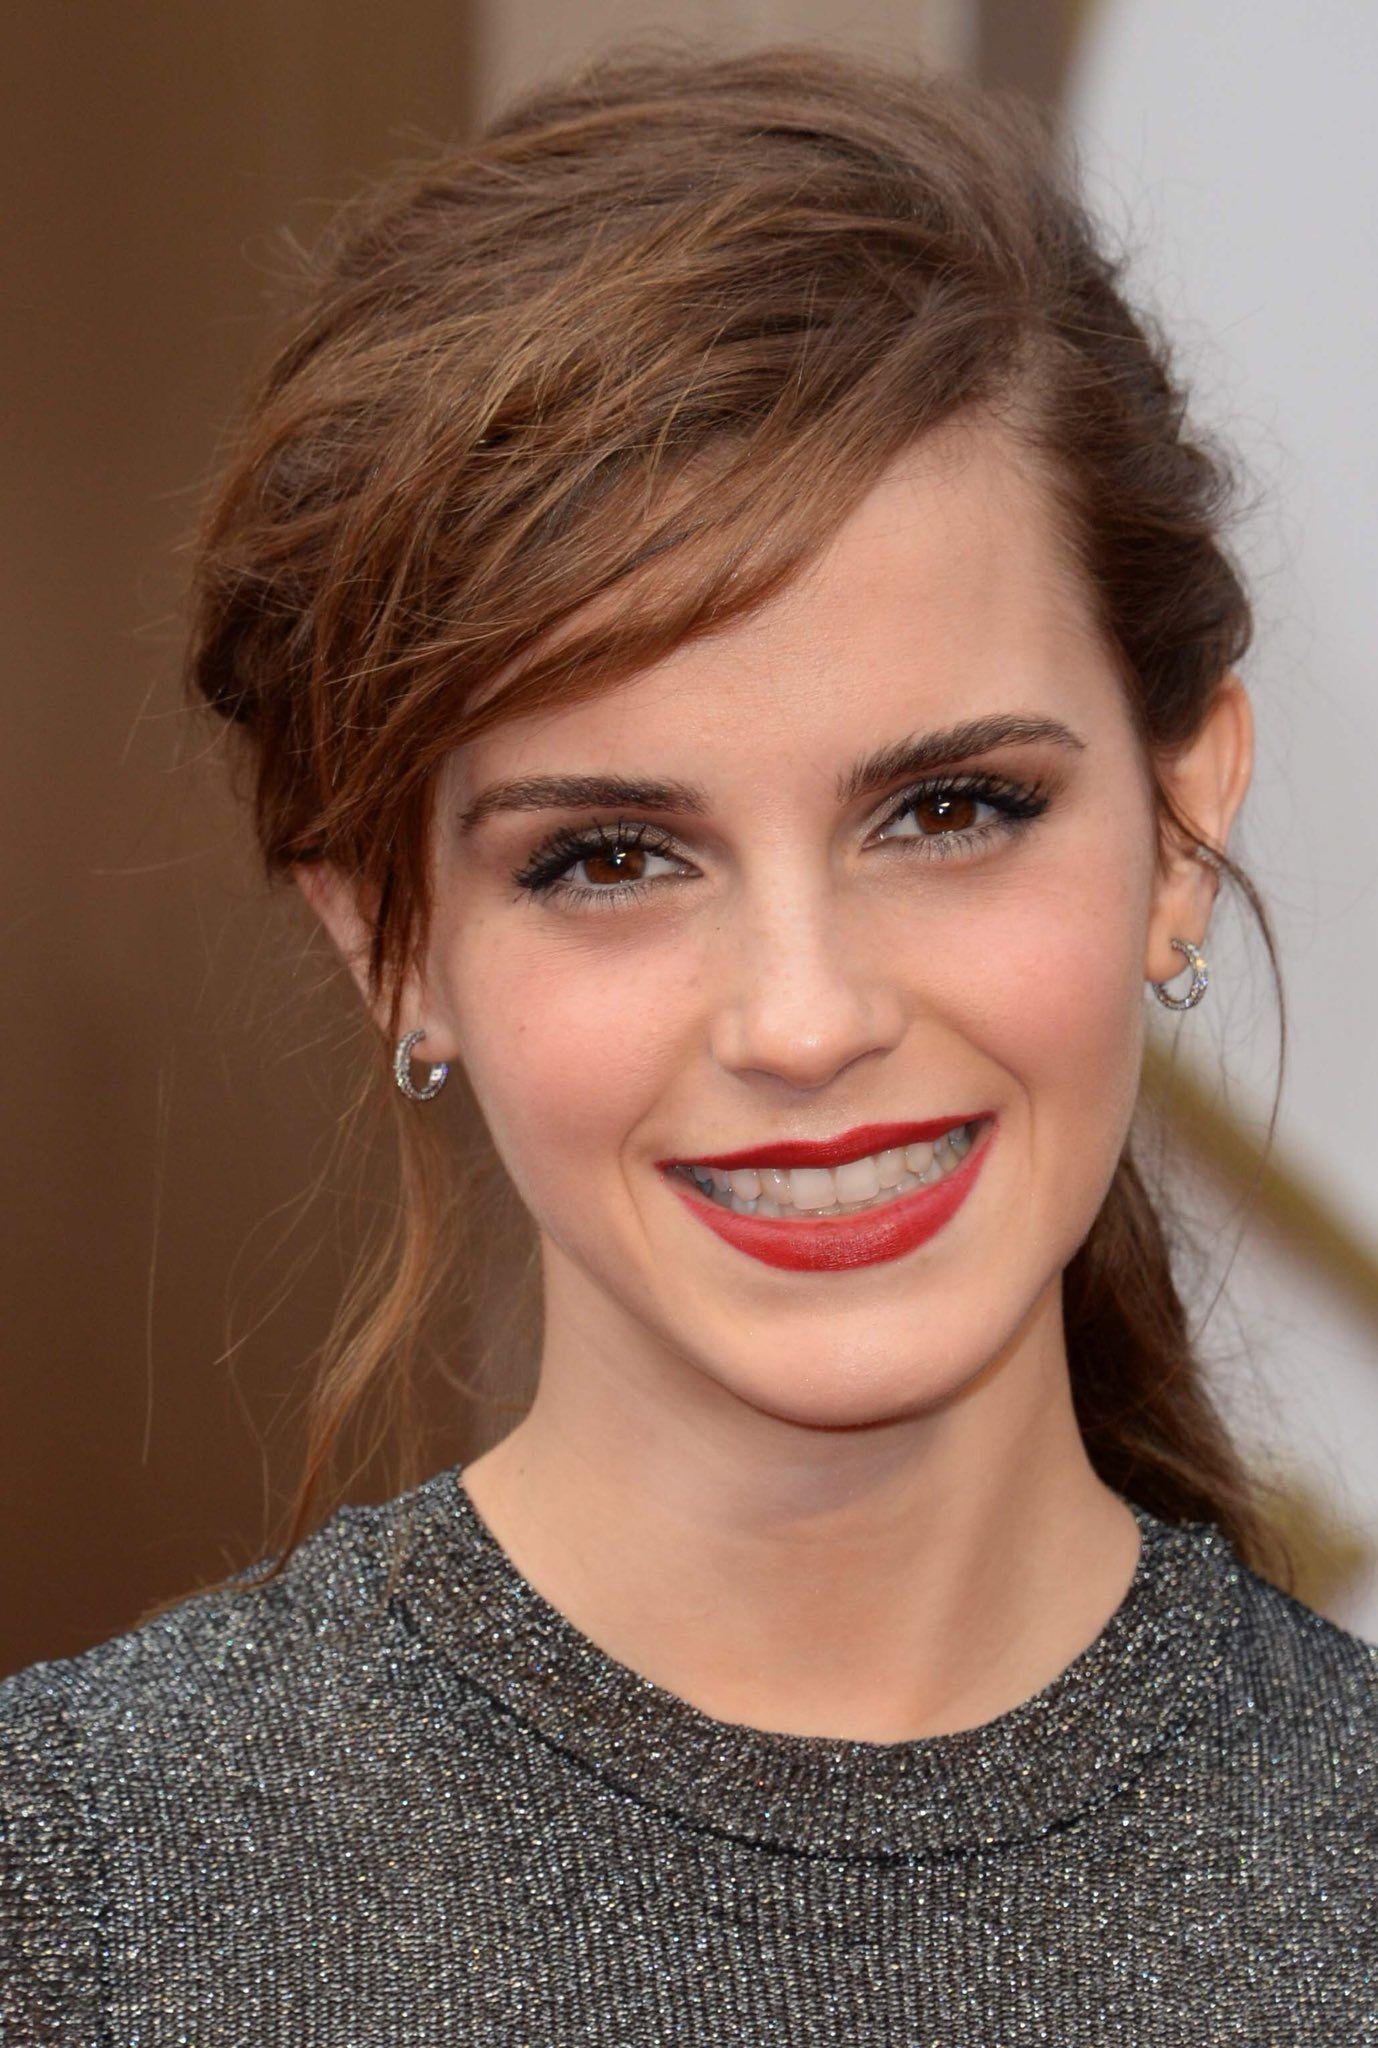 Pin by Miramontes on Emma Watson Emma watson